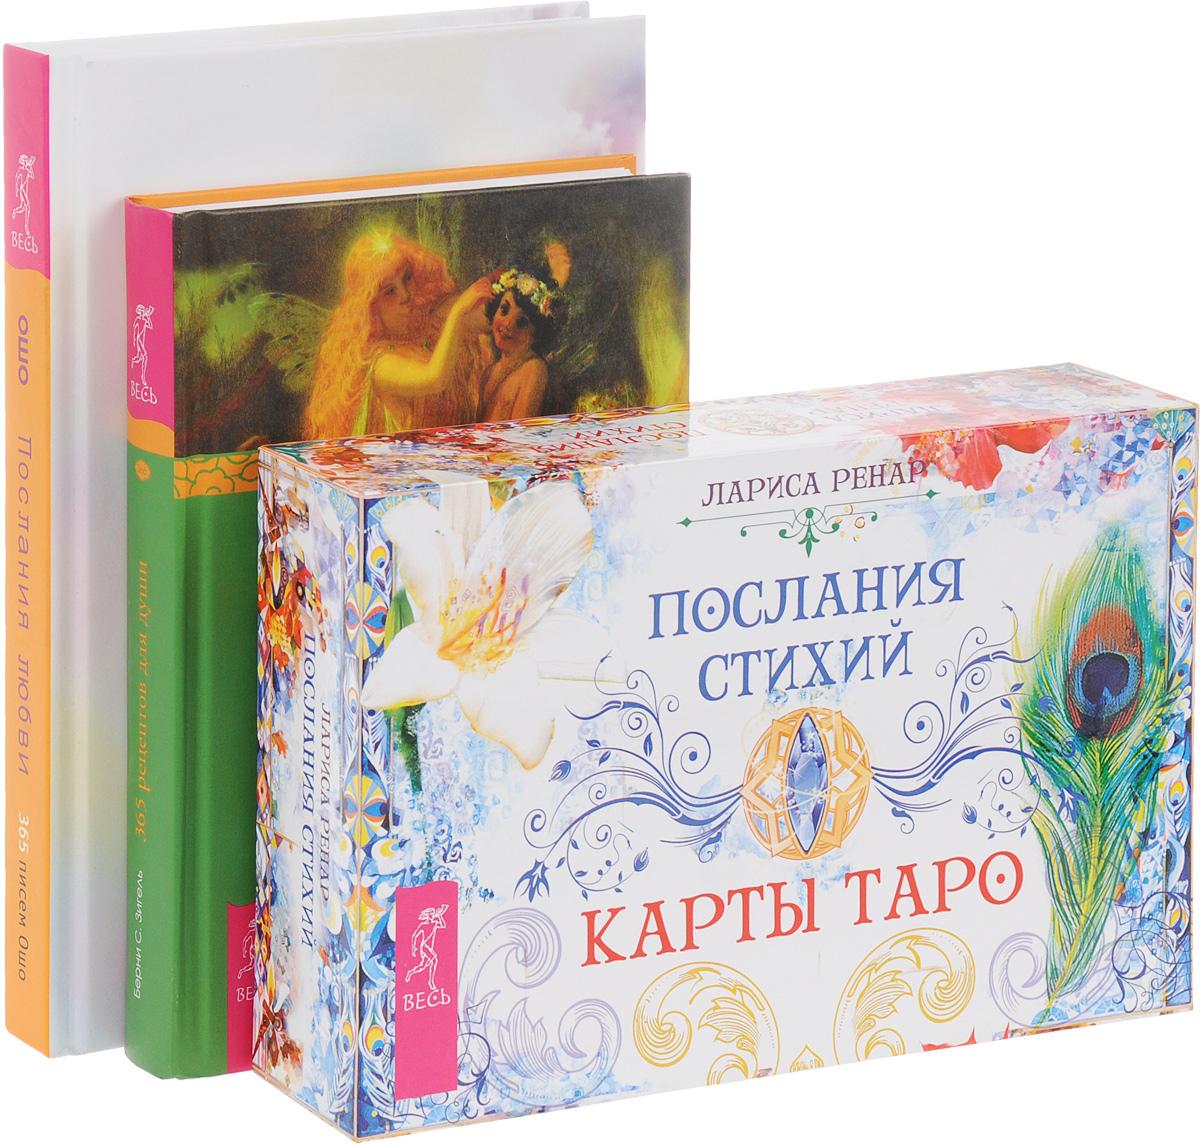 Послания стихий. 365 рецептов для души. Послания любви (комплект из 3 книг). Берни С. Зигель, Ошо, Лариса Ренар